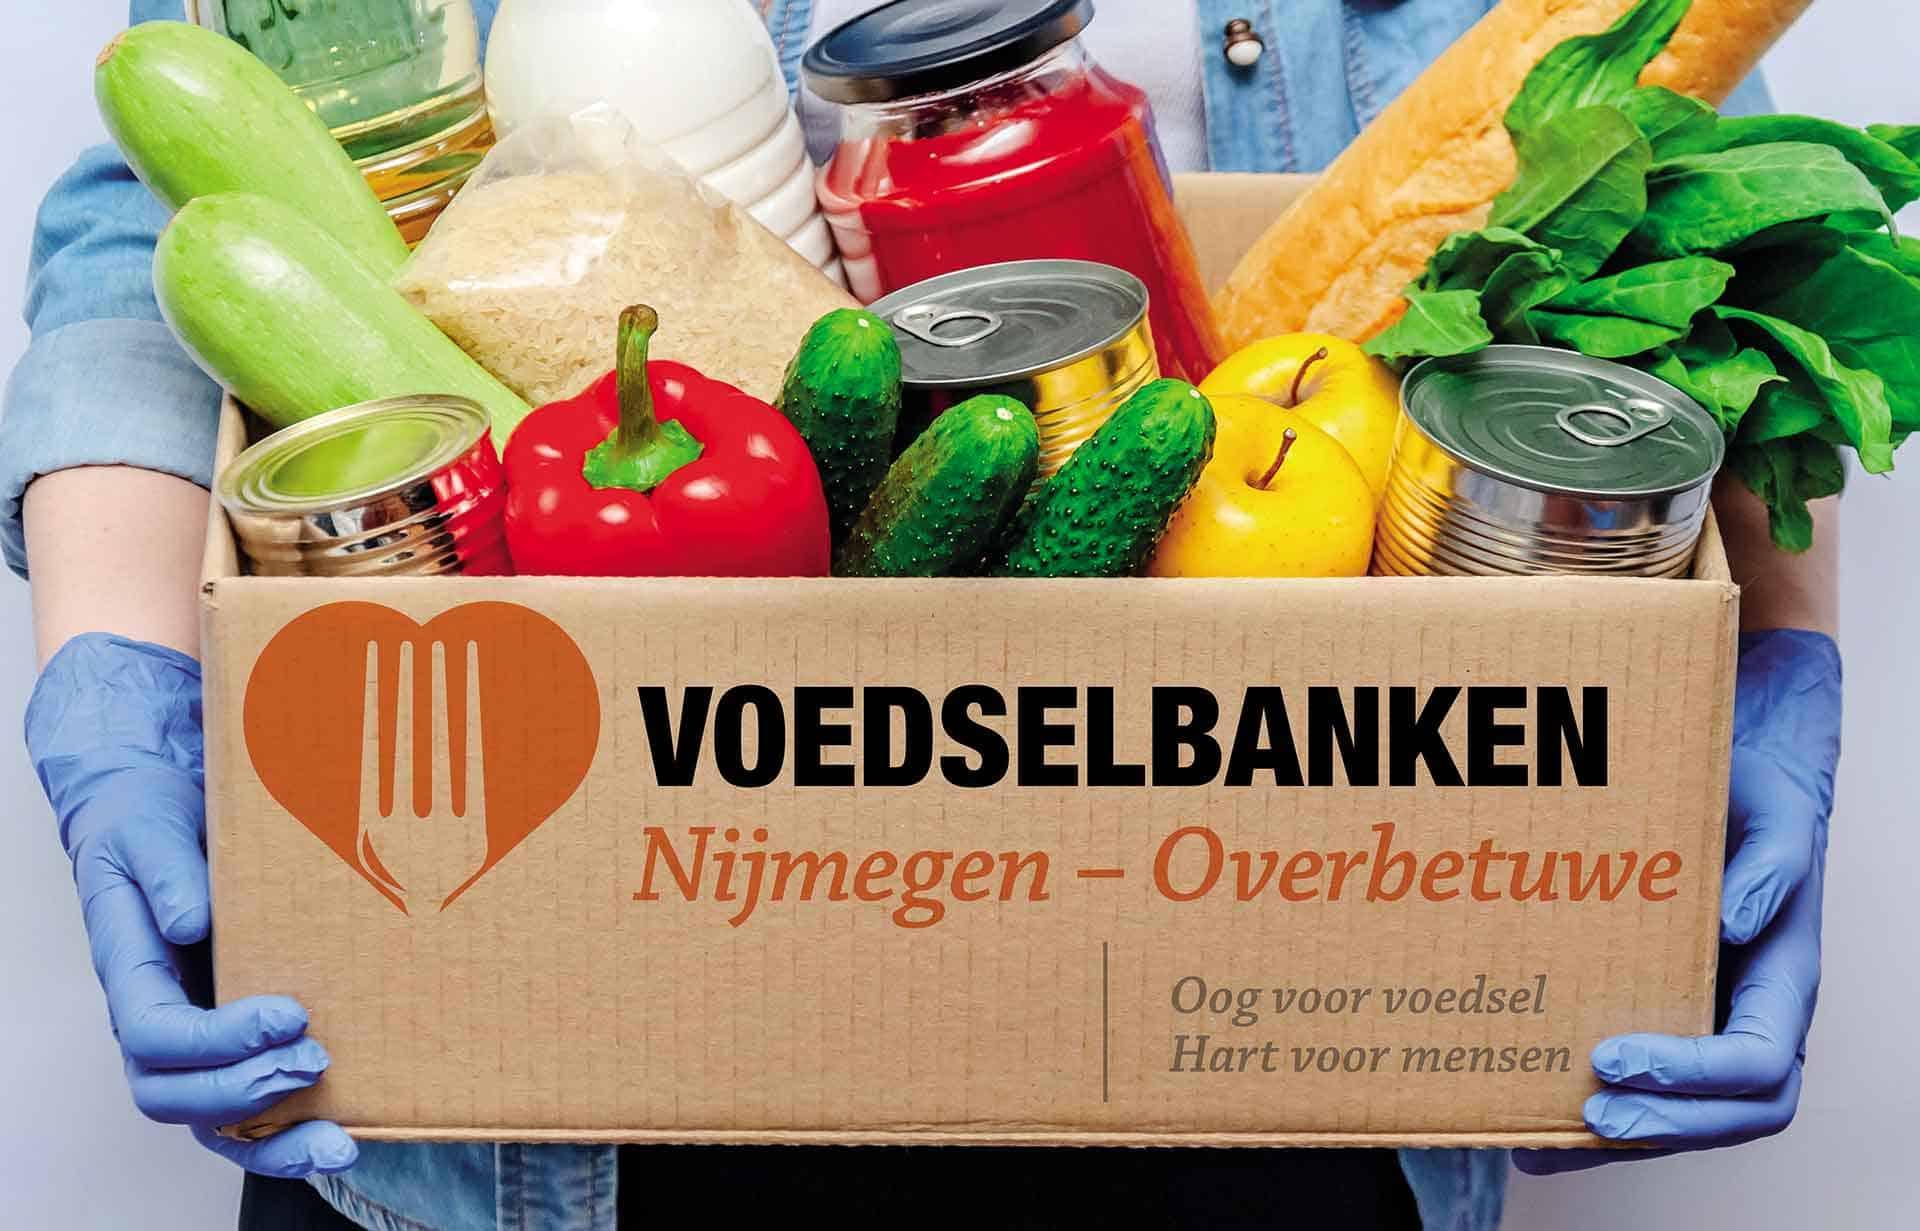 voedselbank nijmegen voedsel